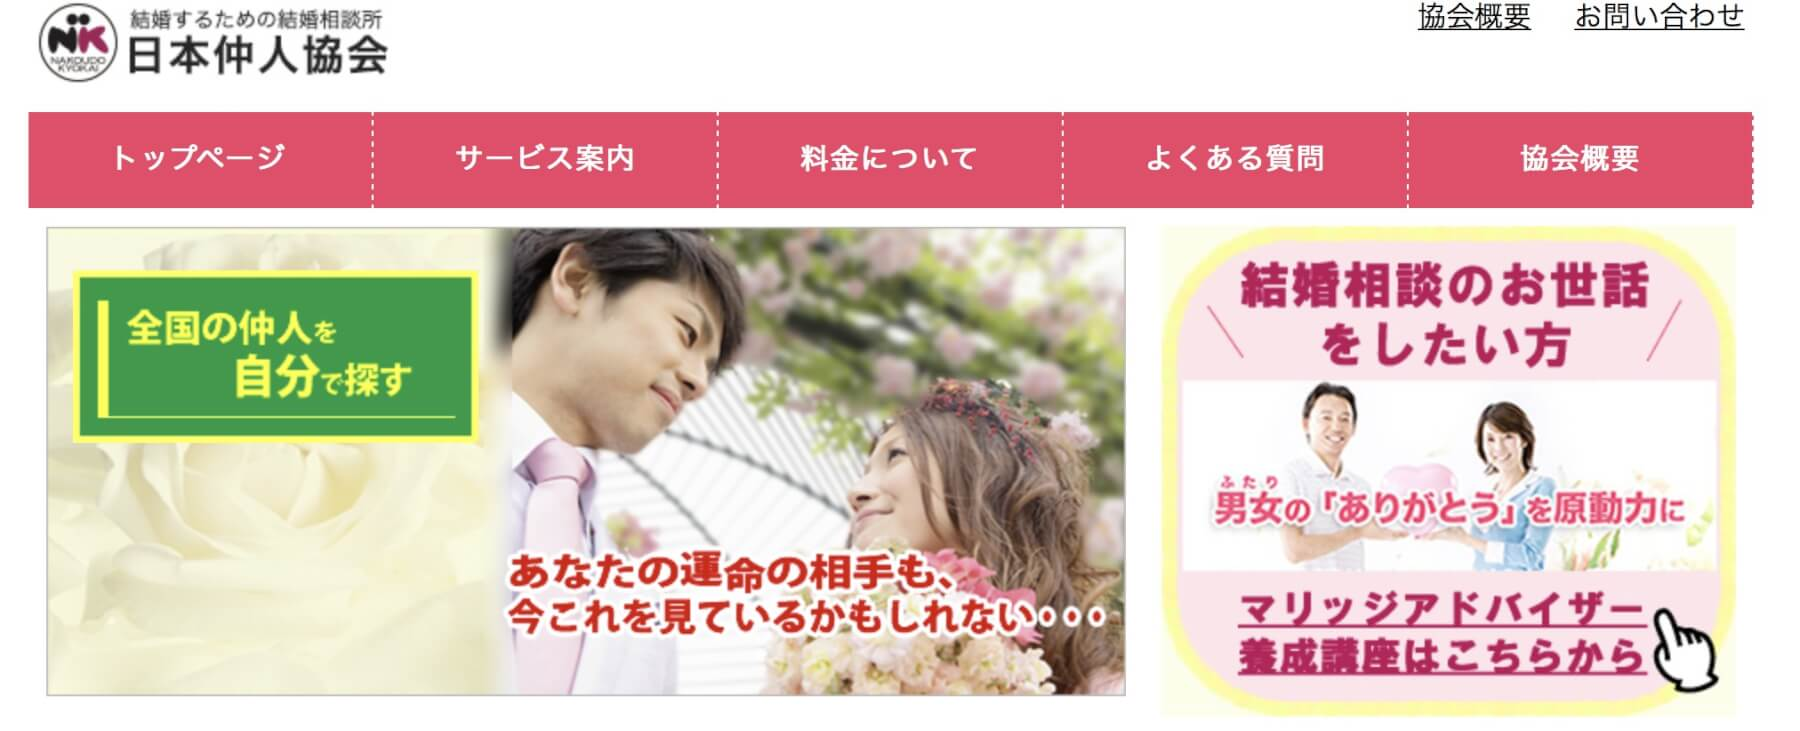 栃木のおすすめ結婚相談所ランキング:仲人協会